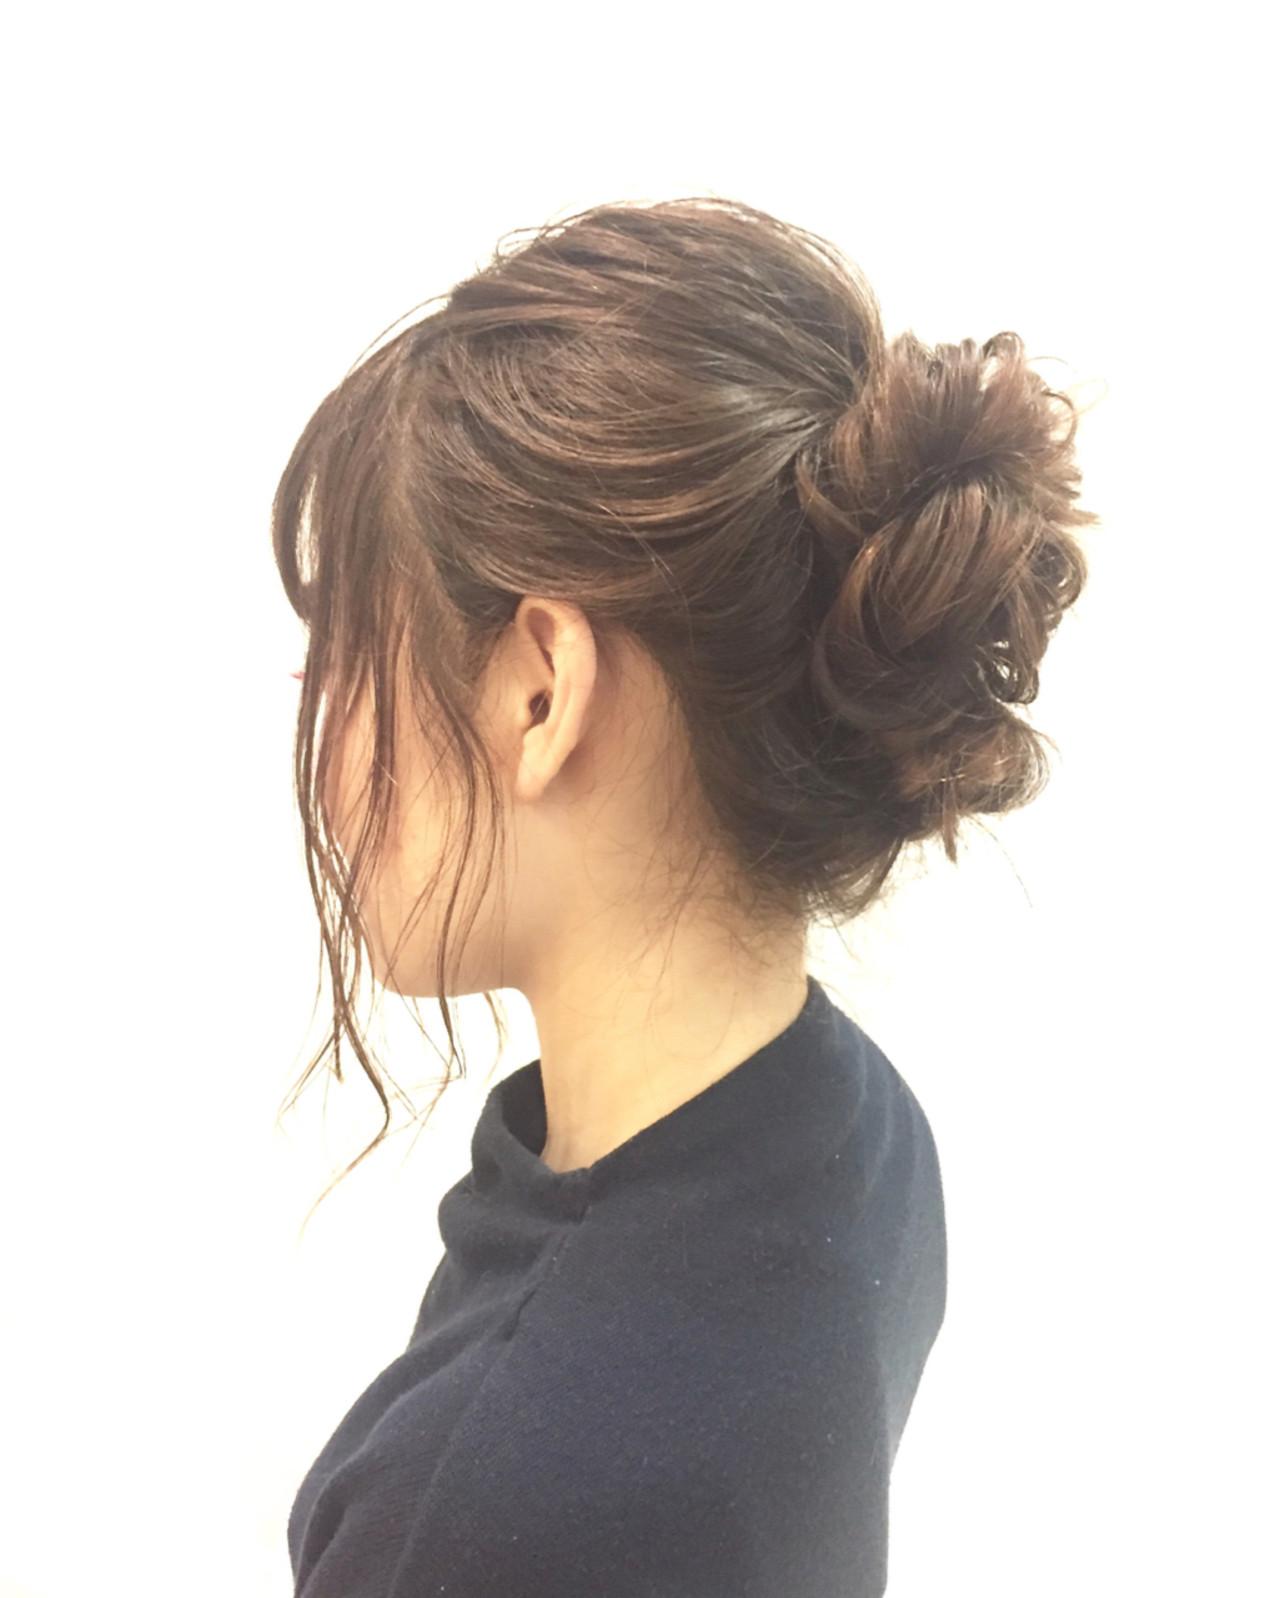 デート 女子会 簡単ヘアアレンジ オフィス ヘアスタイルや髪型の写真・画像